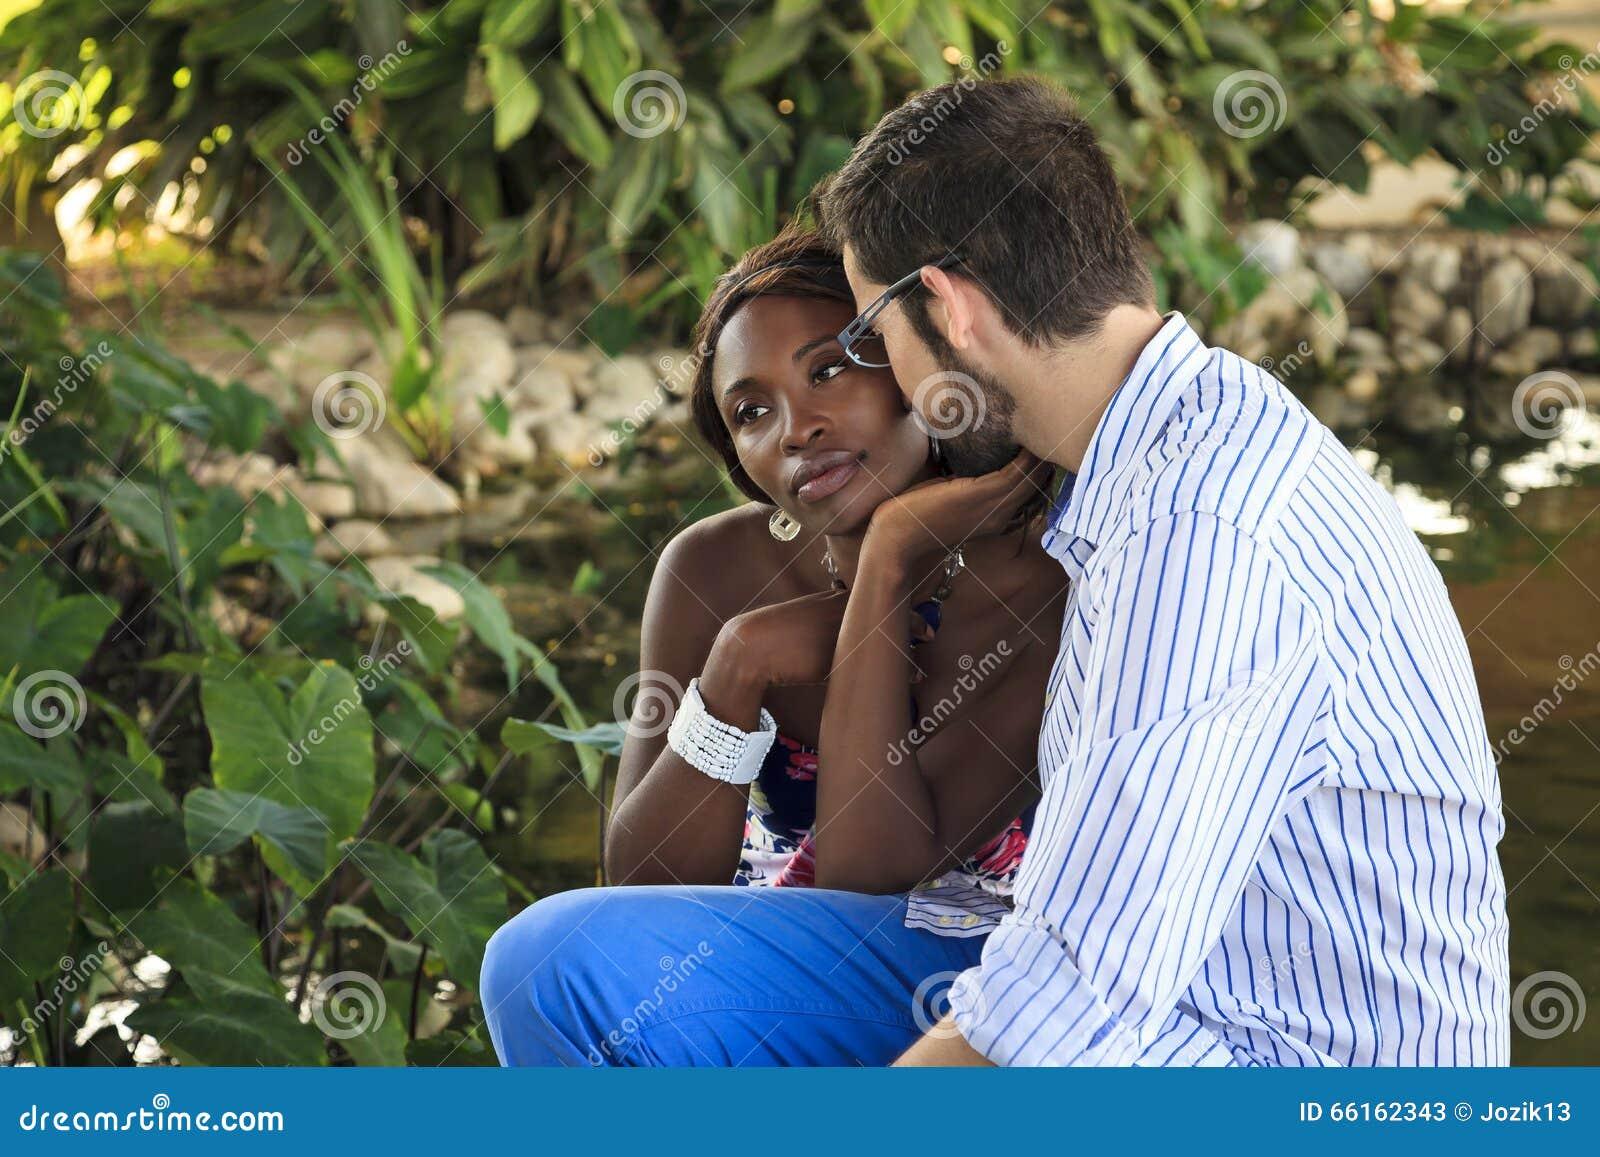 Black Girl White Man